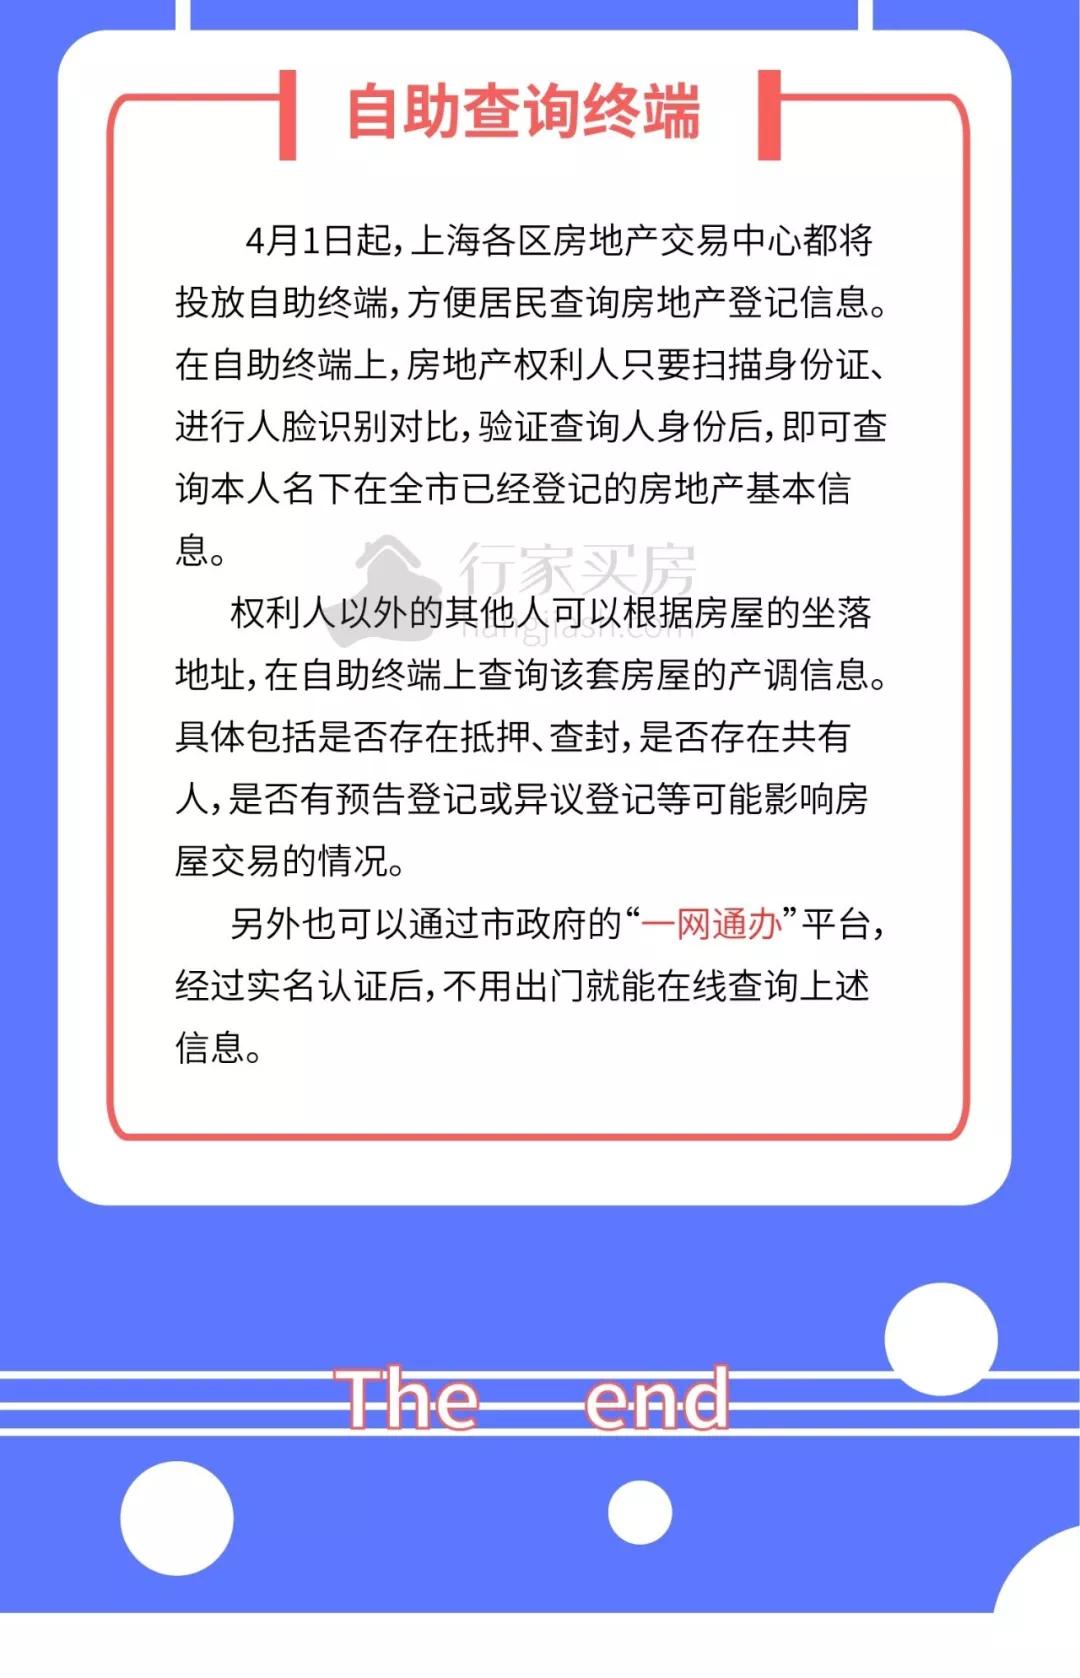 好消息!!上海各区办理房屋交易登记可以网上预约啦!